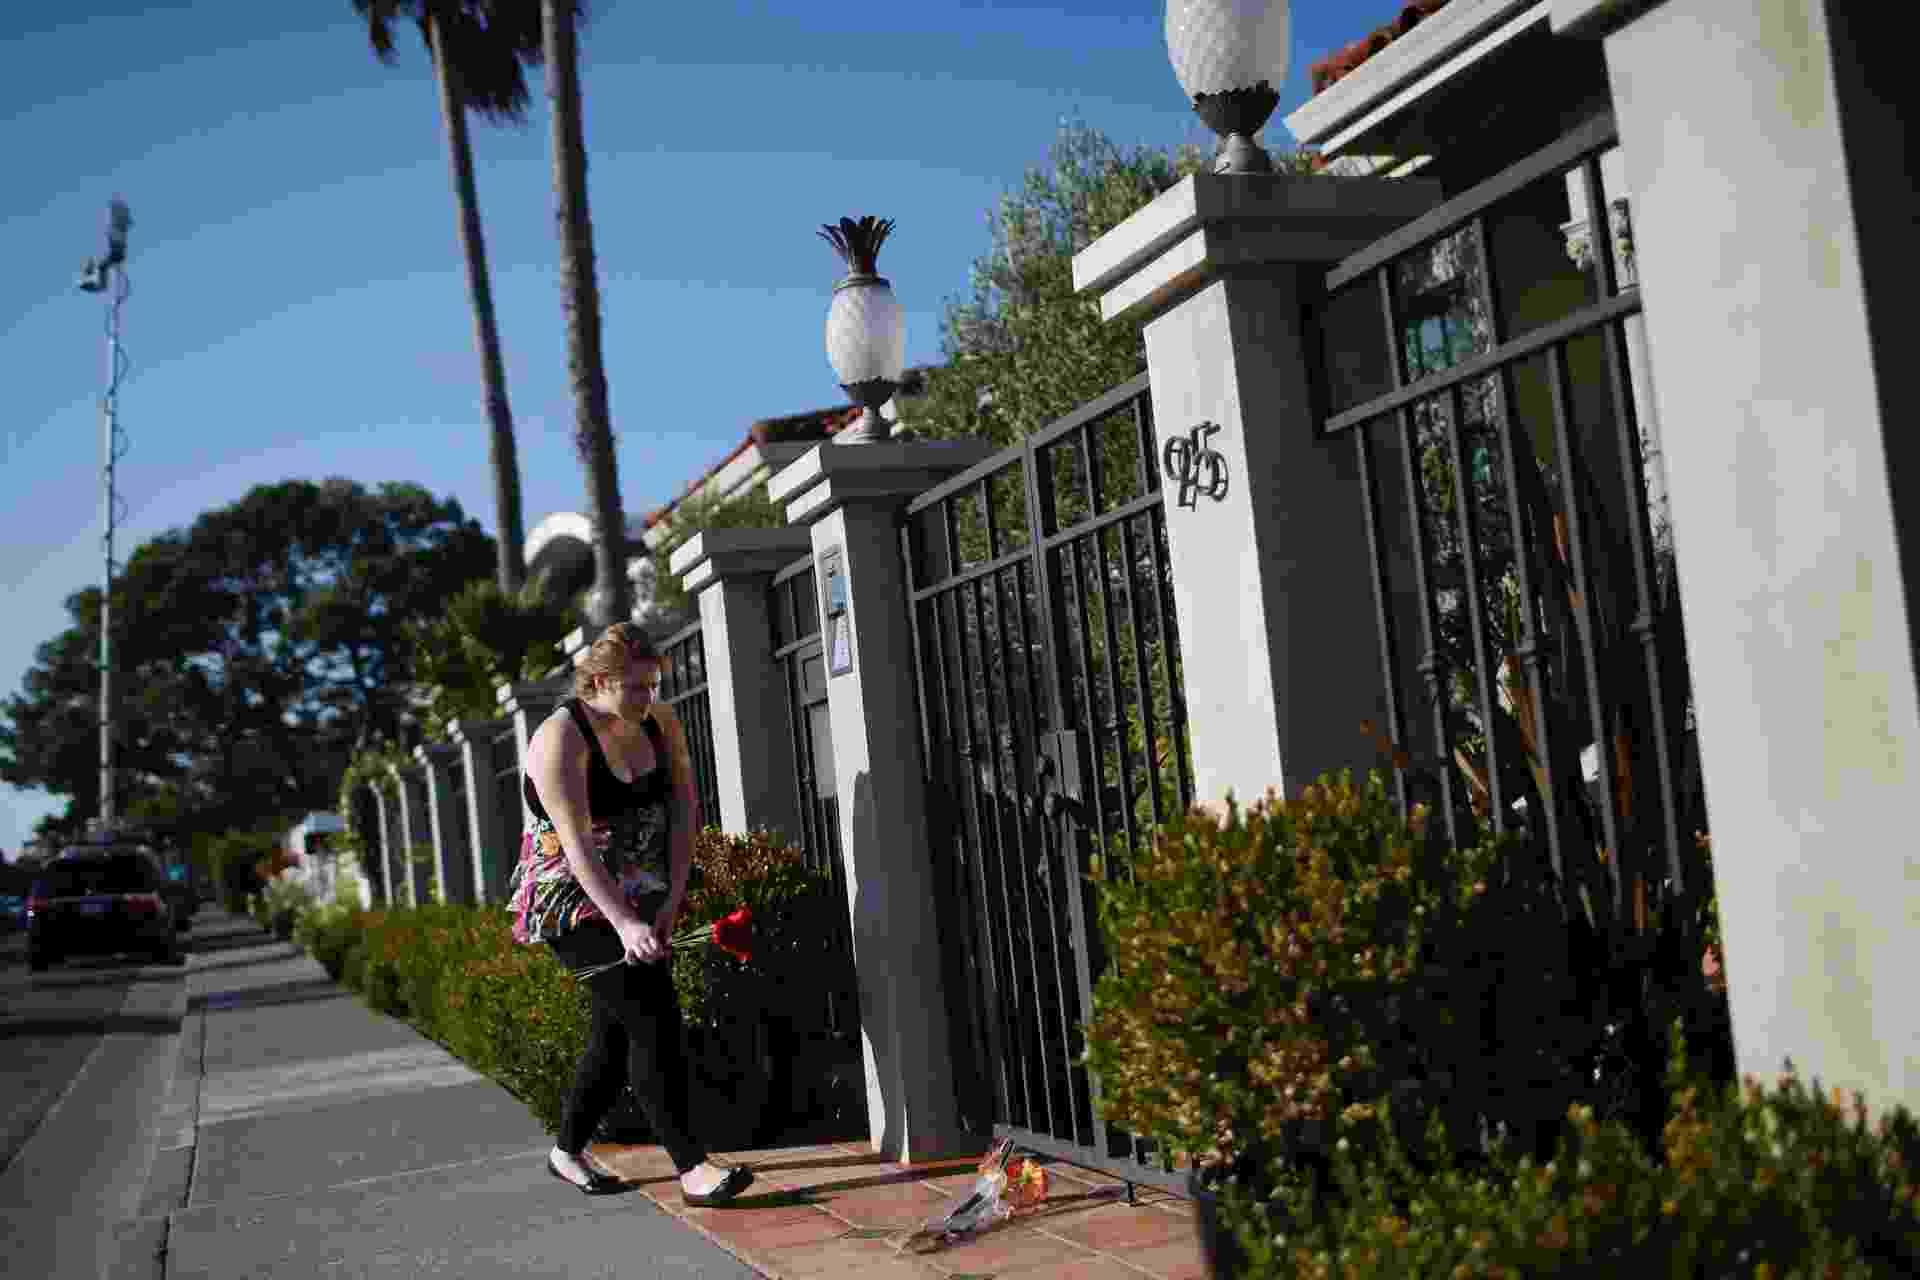 11.ago.2014 - Fã deixa flores no portão da casa de Robin Williams em Tiburon, na Califórnia, Estados Unidos. O ator foi encontrado morto nesta segunda-feira, com suspeita de asfixia - Stephen Lam/Reuters